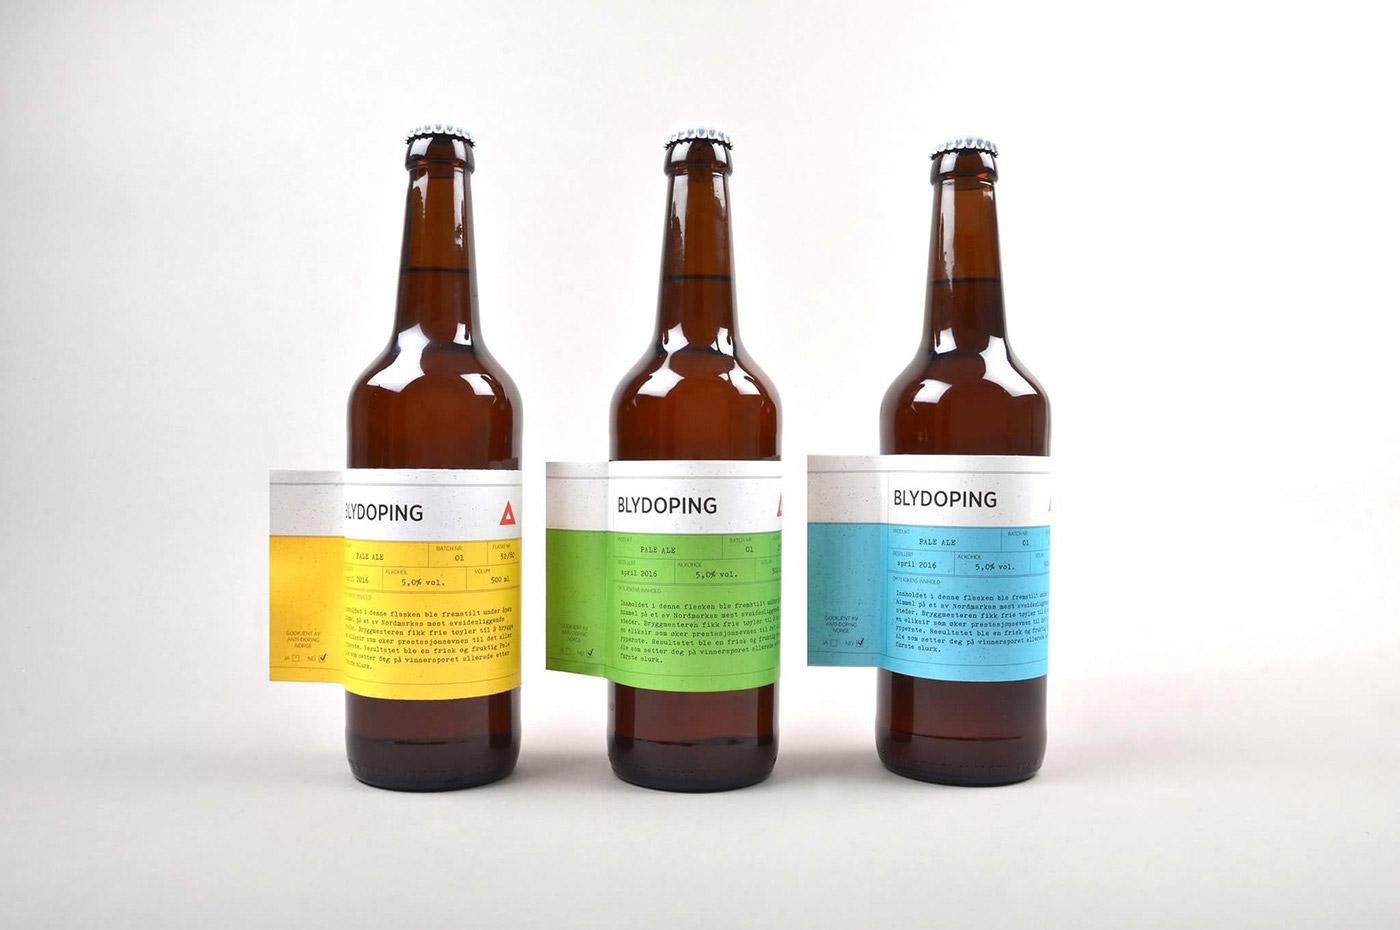 Blydoping-Beer-Labels-design-mindsparkle-mag-3.jpg